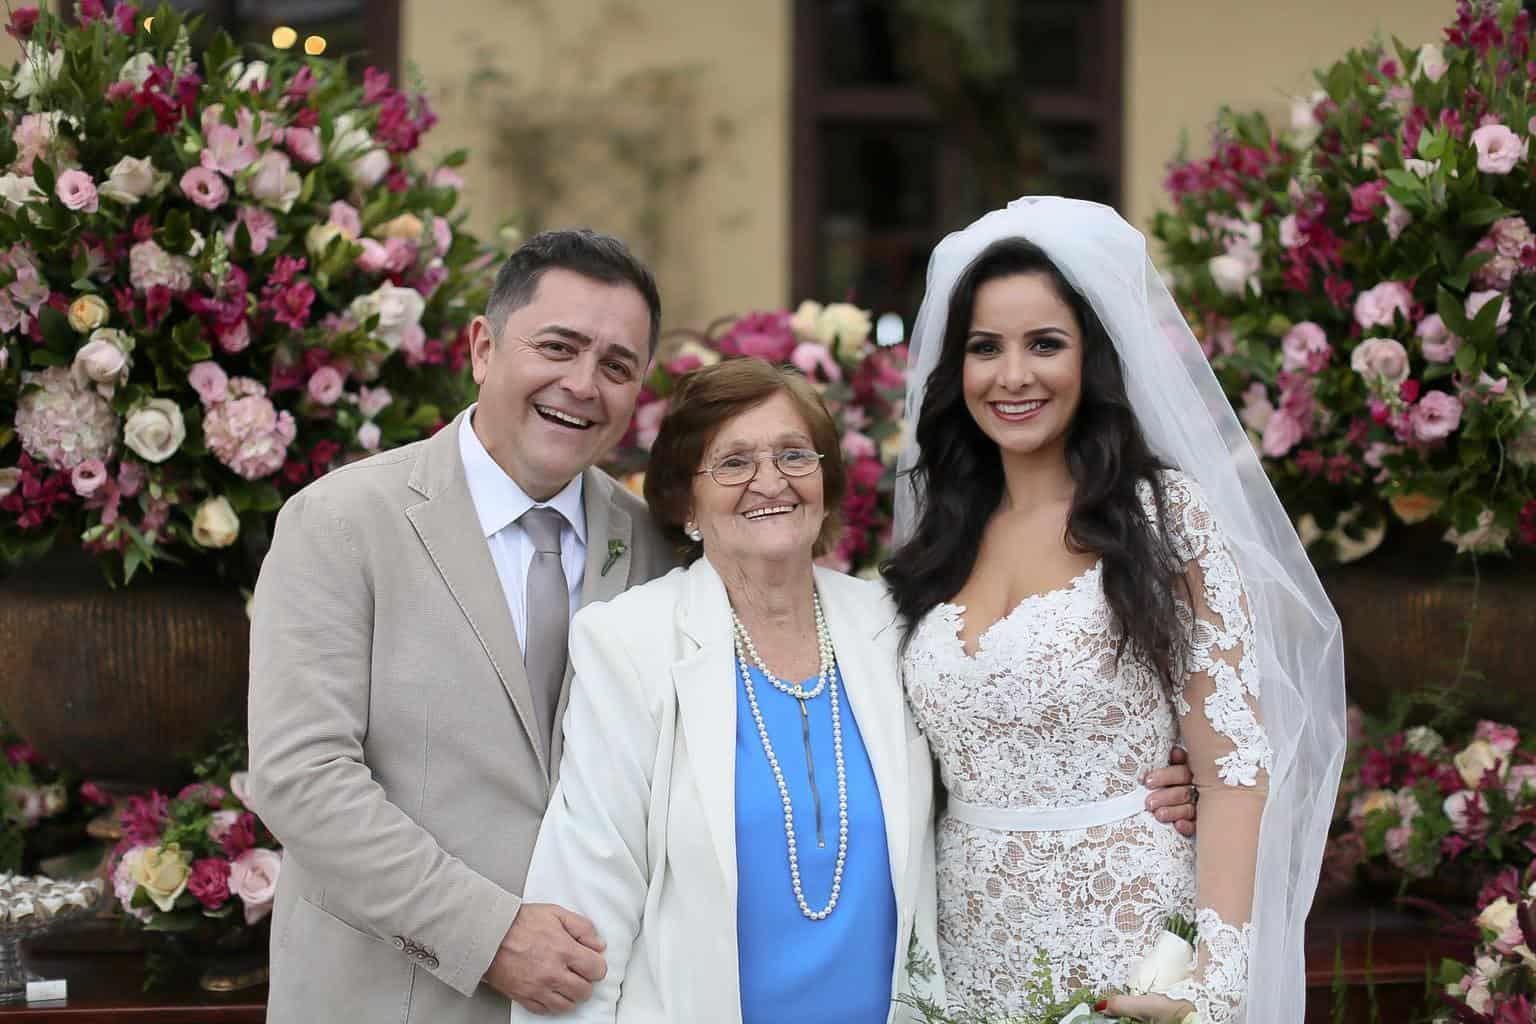 casamento-ariane-e-antonio-carlos-caseme-foto-silvia-penati-45